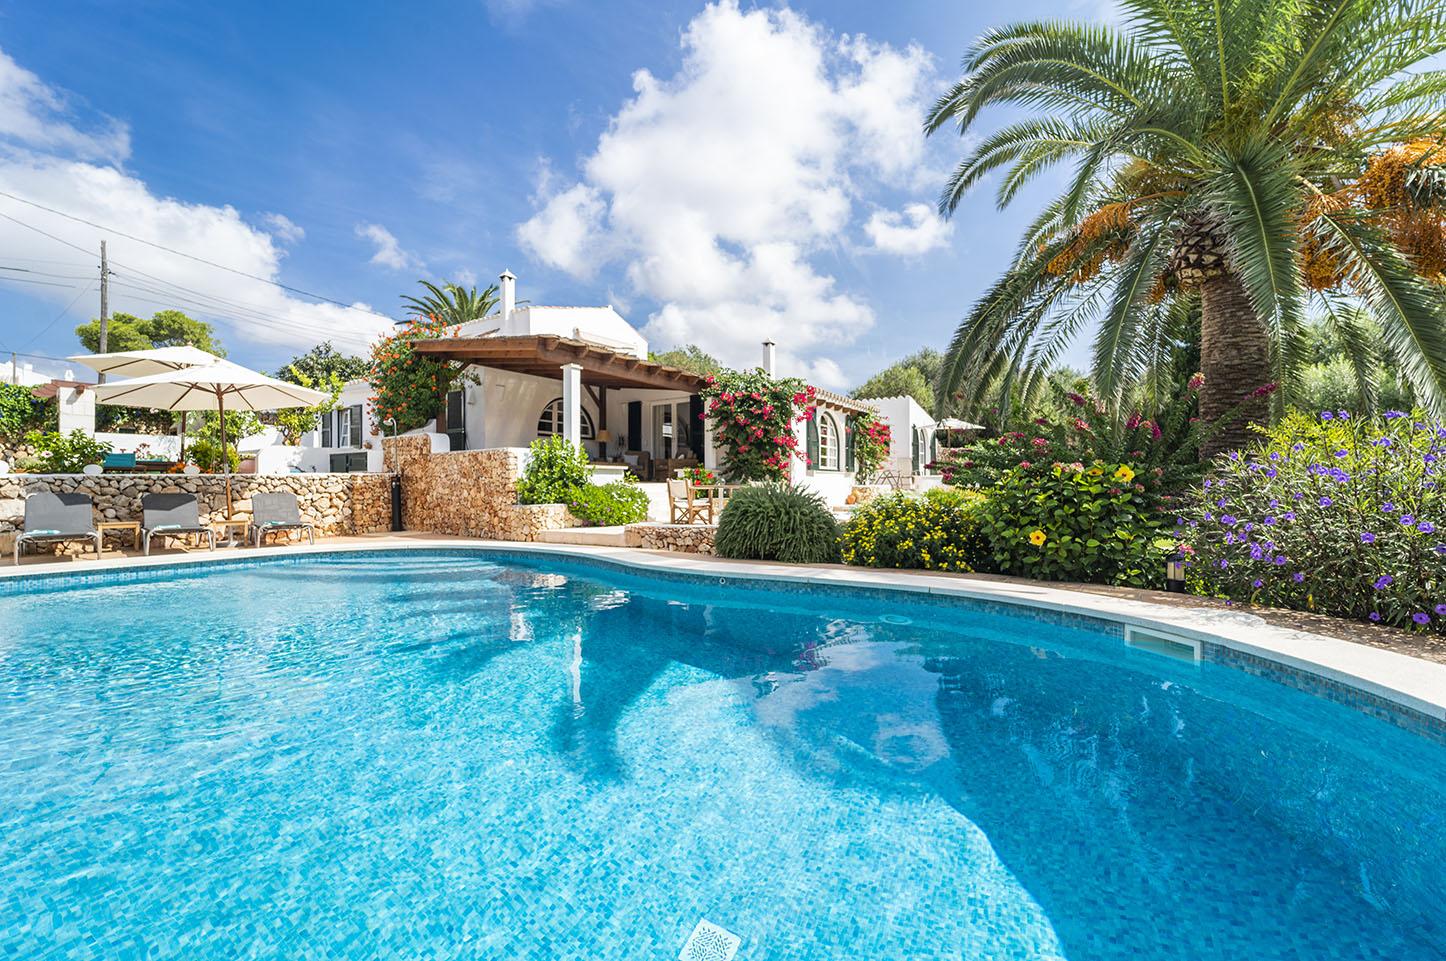 Vacances en villa de luxe à Minorque